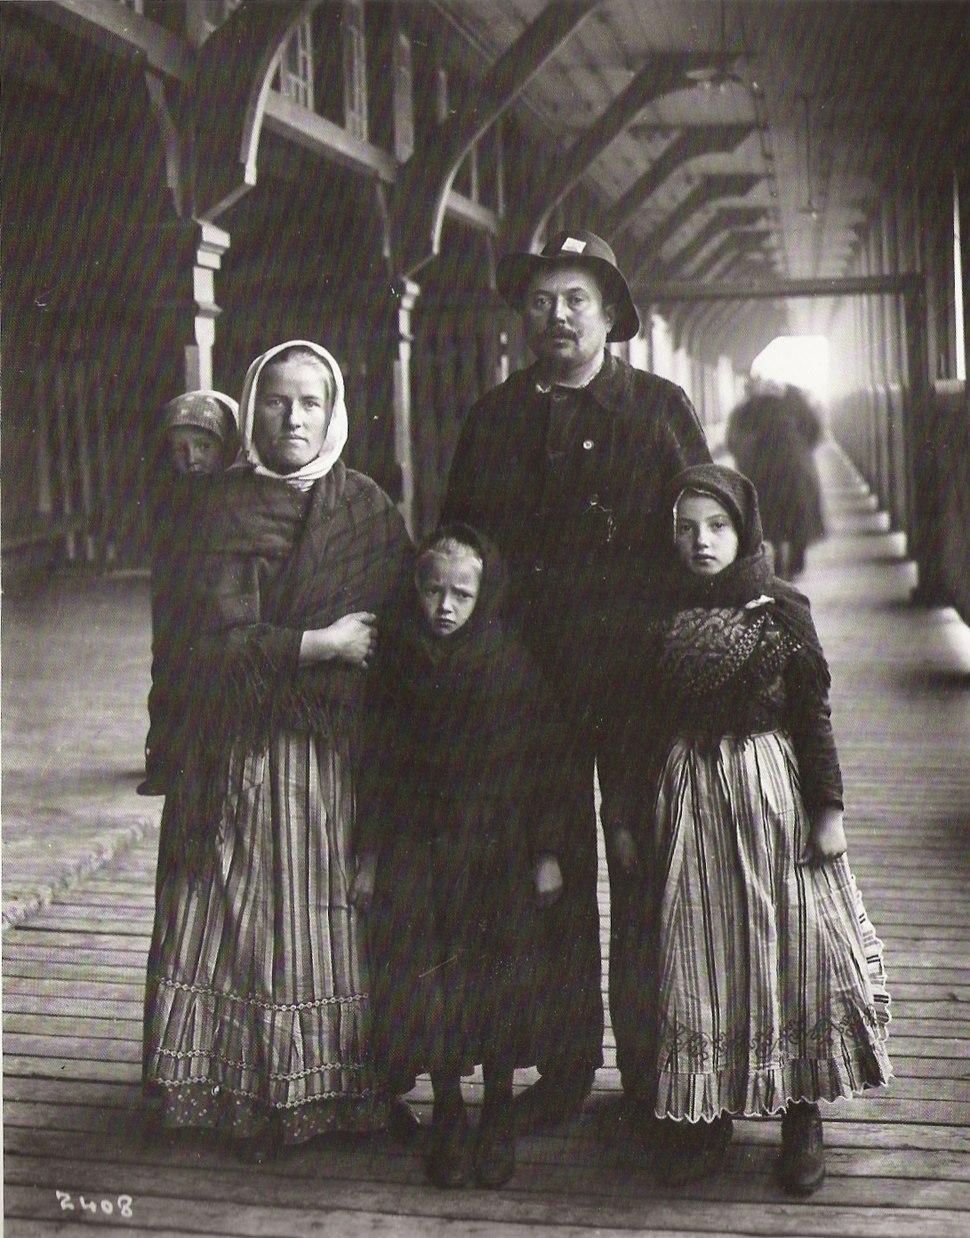 German immigrants, Quebec City, Canada, 1911